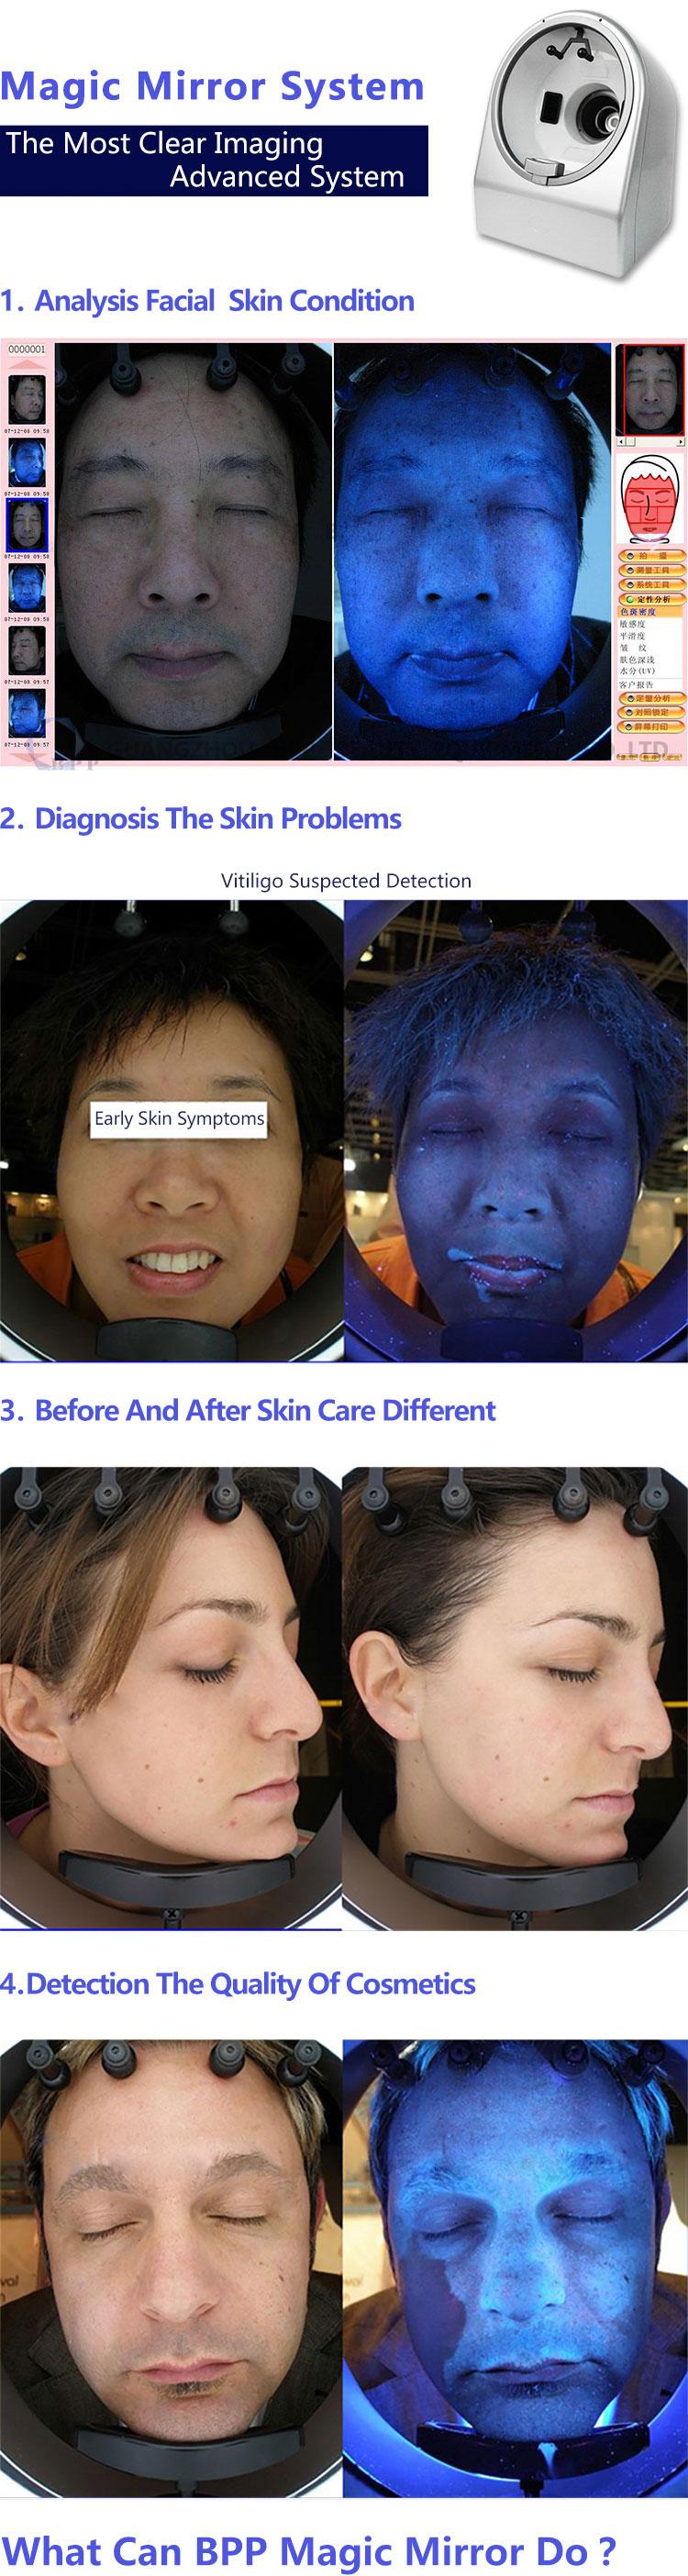 Skin Analysis Machine Description 1